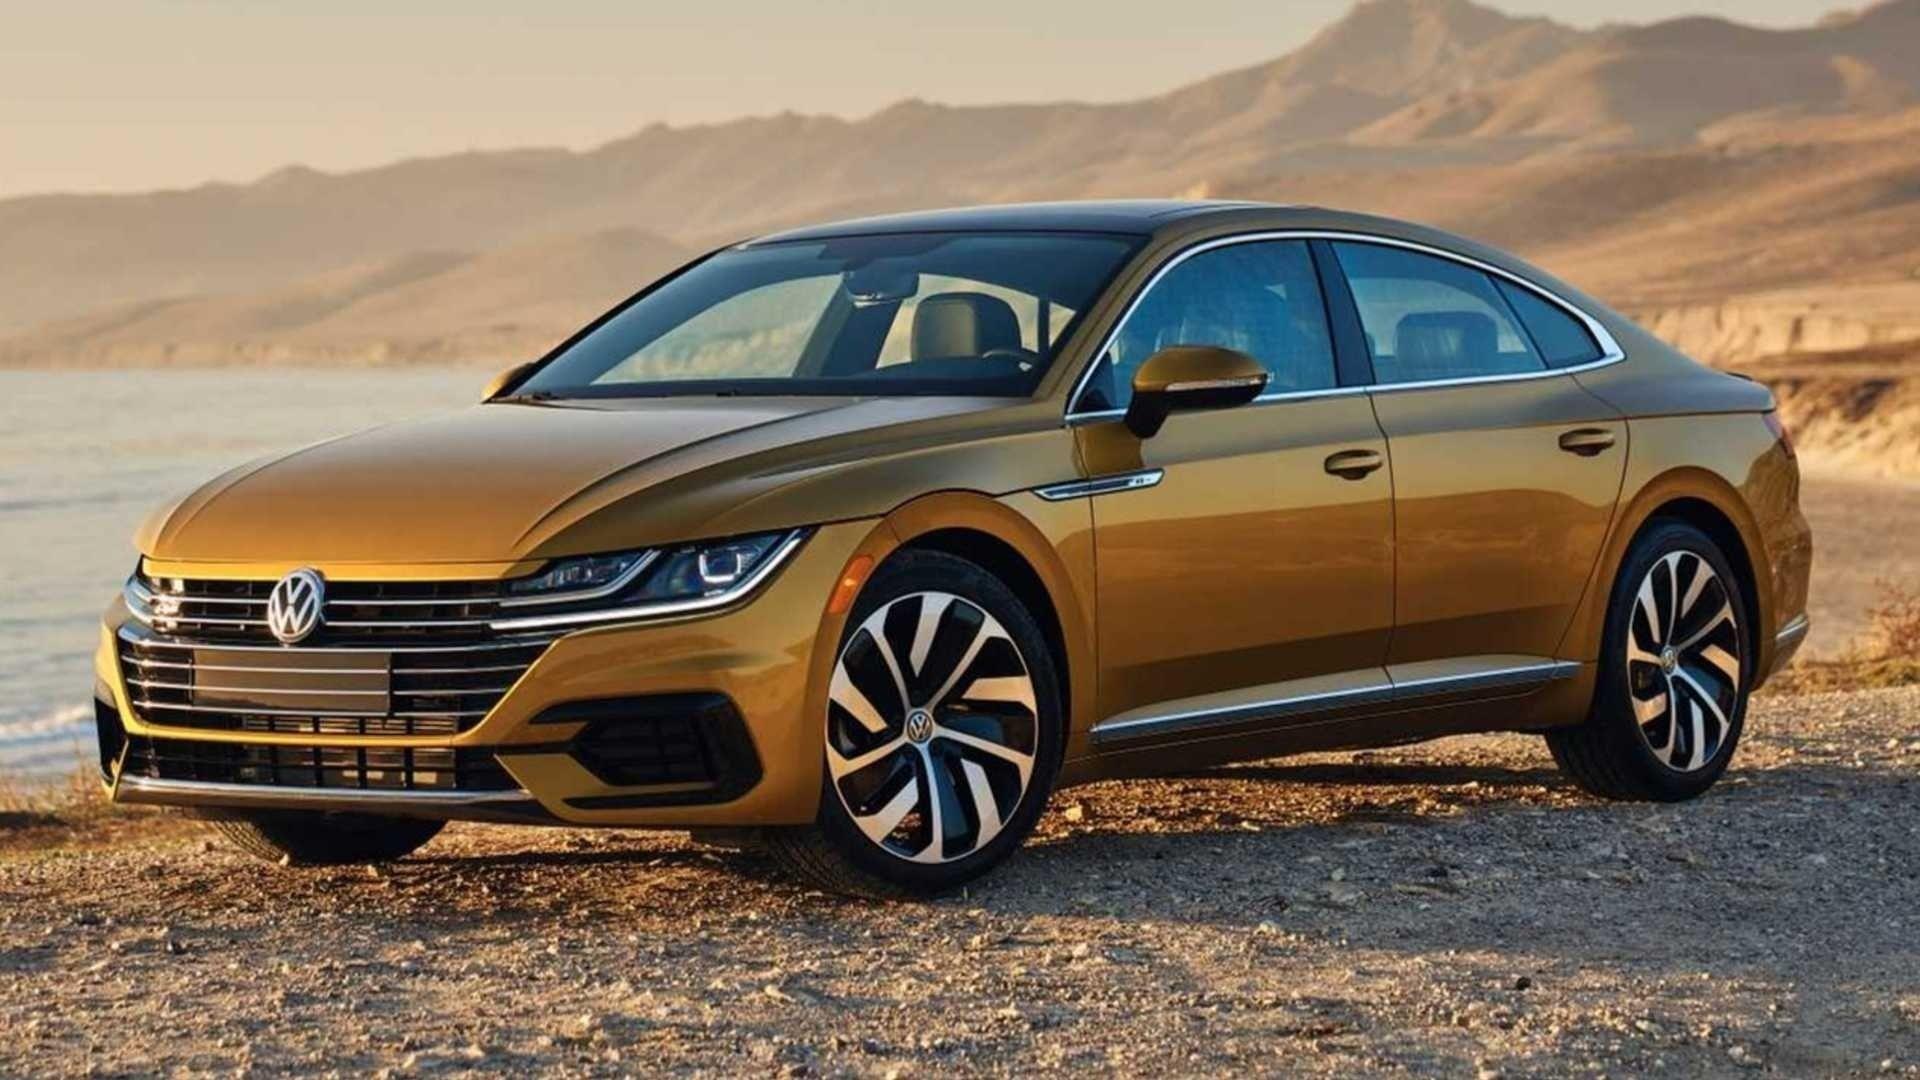 Volkswagen Arteon 2021 Release Date Specs in 2020